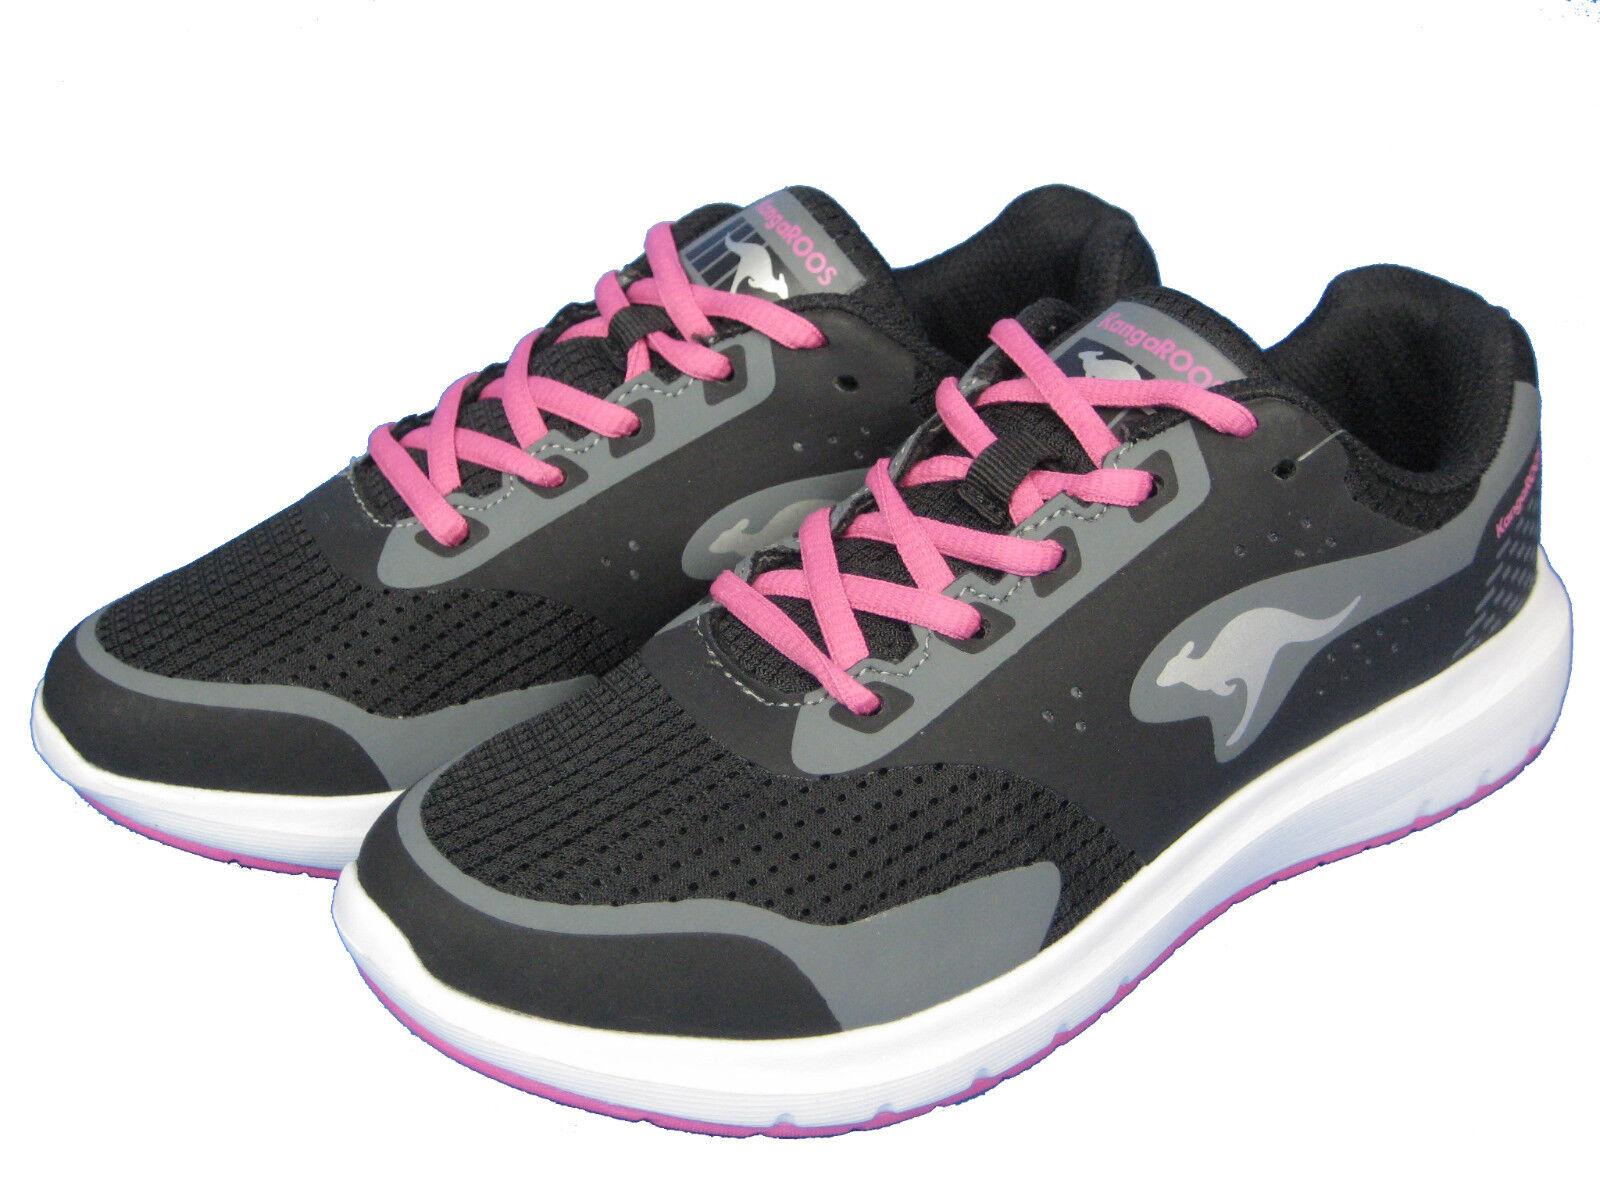 Kangaroos Ladies shoes Sneaker Running shoes START ONE 38401 Magenta Black Pink